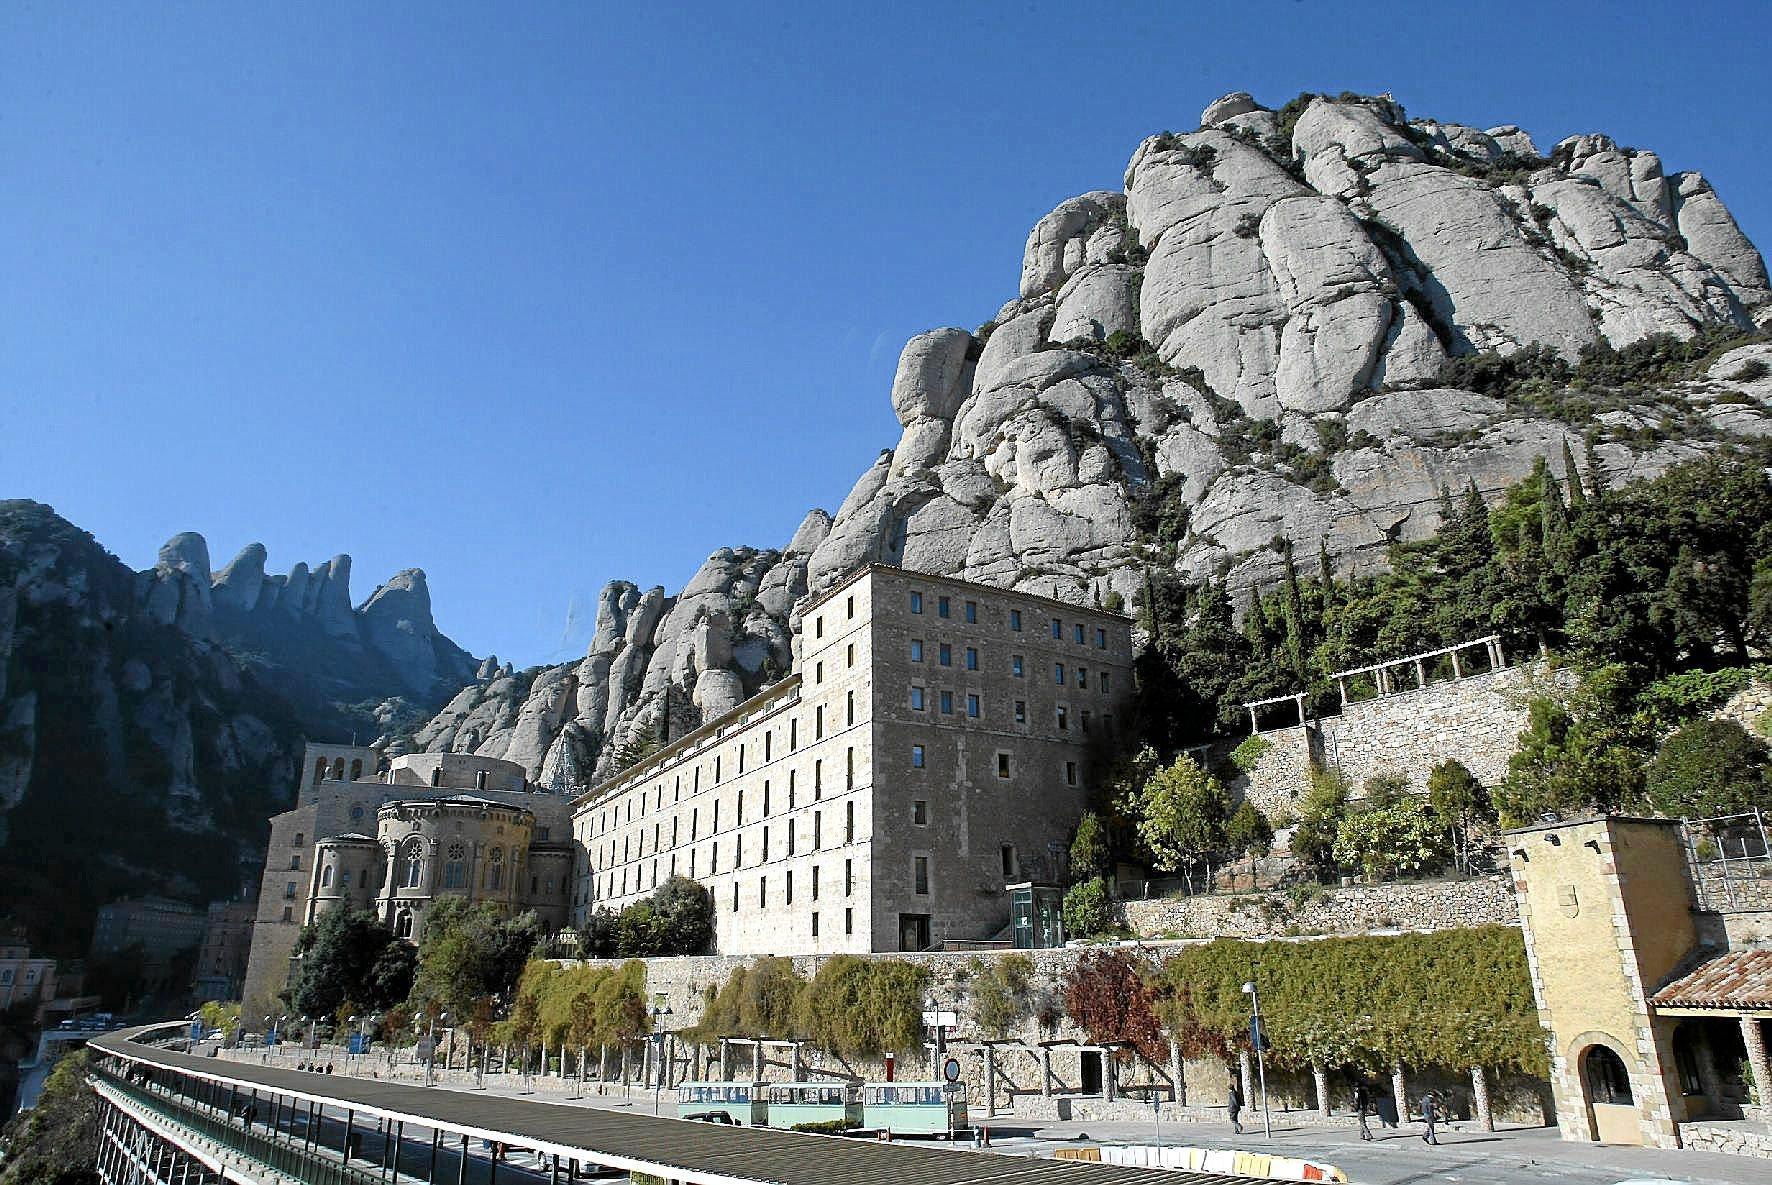 Vista del monasterio de Montserrat en una foto de archivo de 2004.